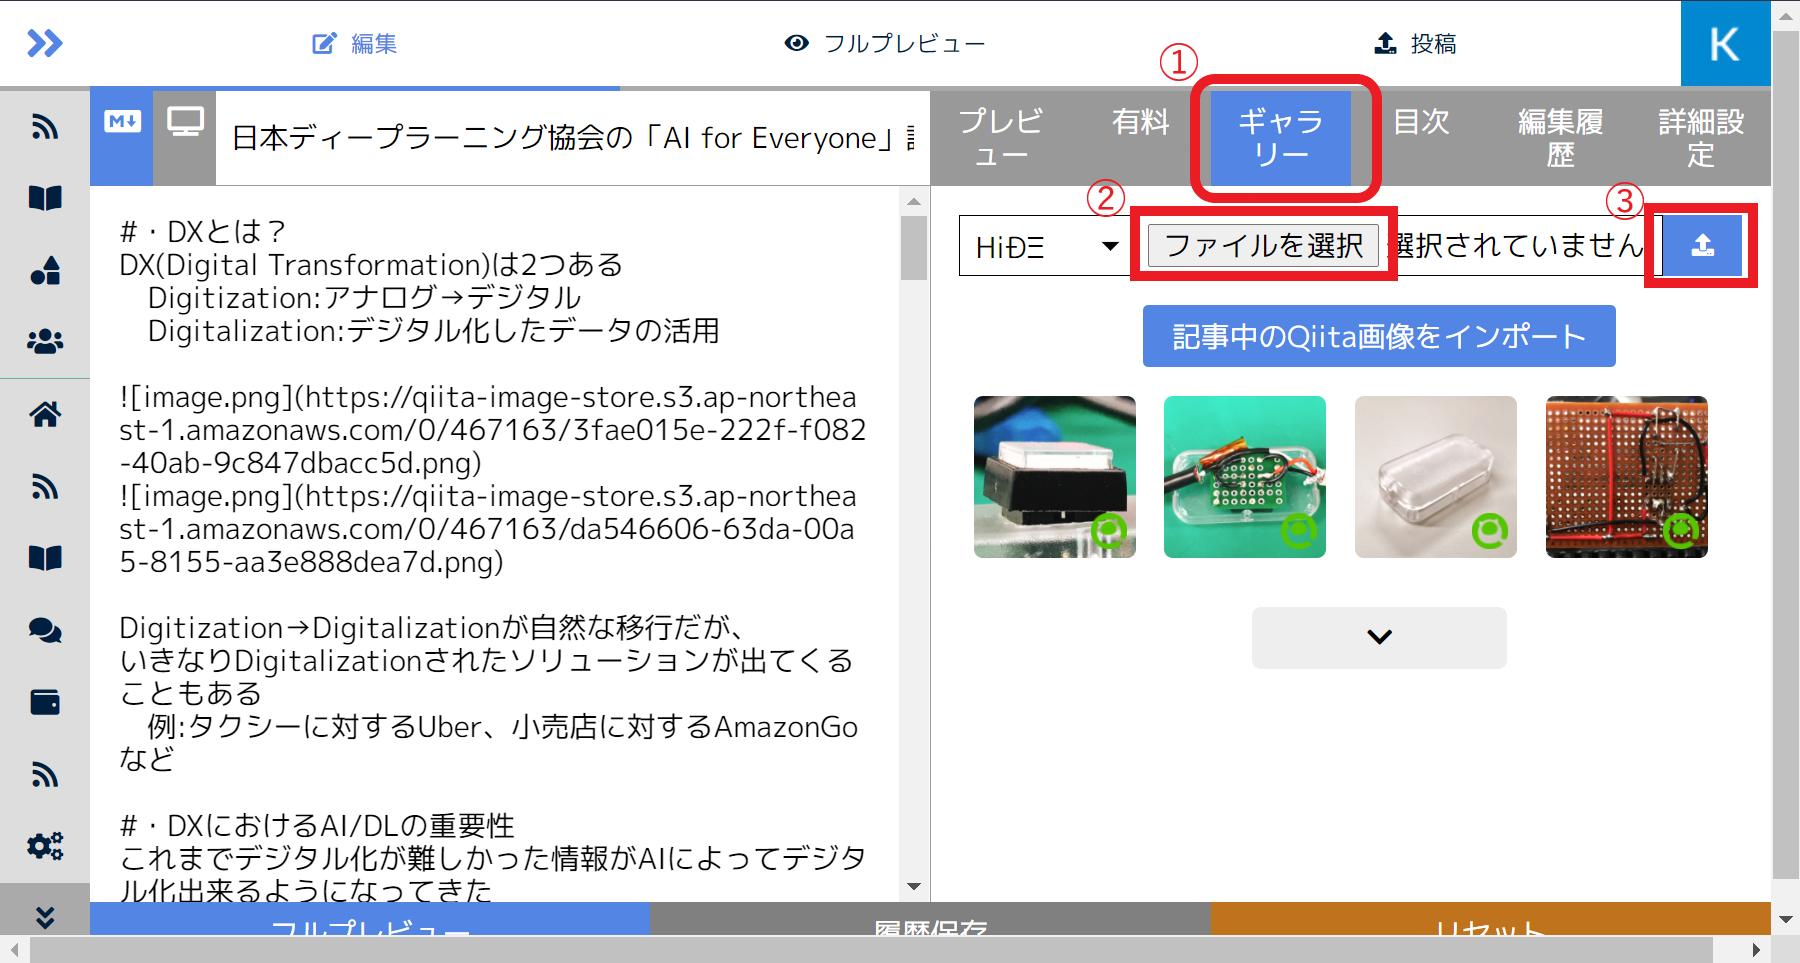 imageupload.png